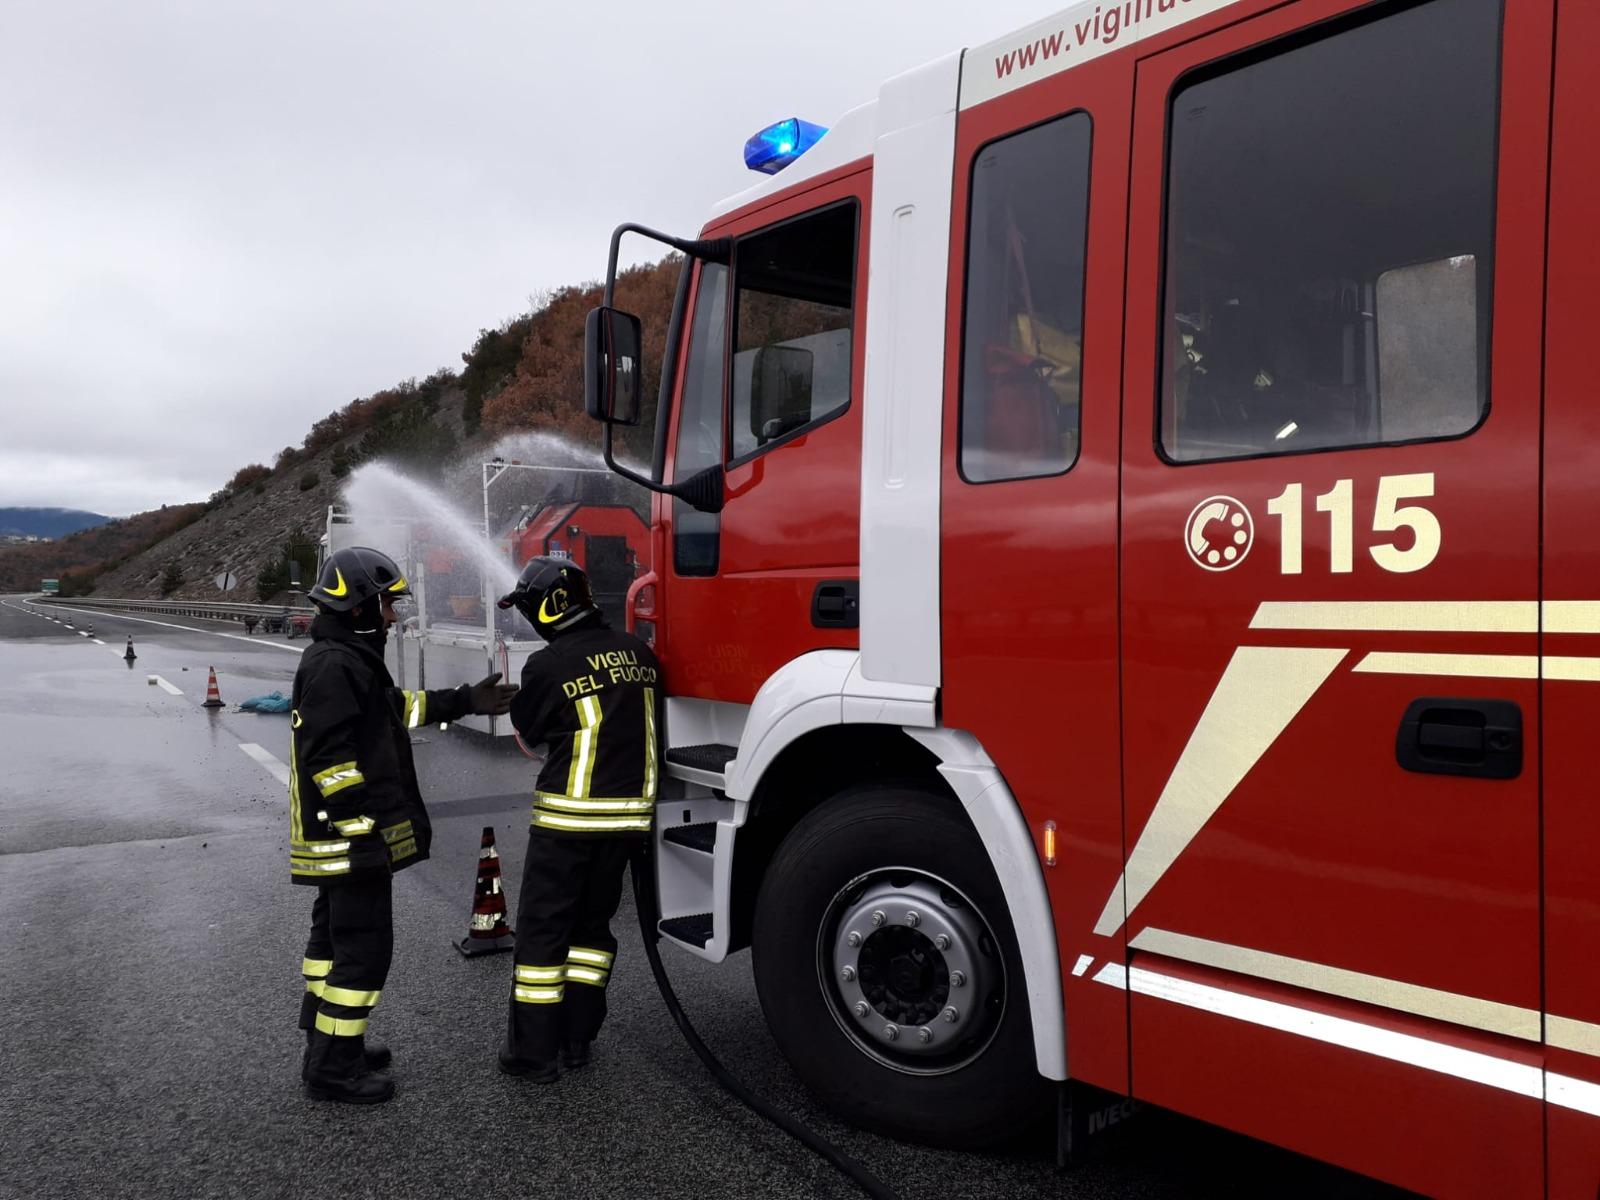 Tragedia sfiorata per lo scoppio di una bombola di GPL lungo l'autostrada A 24